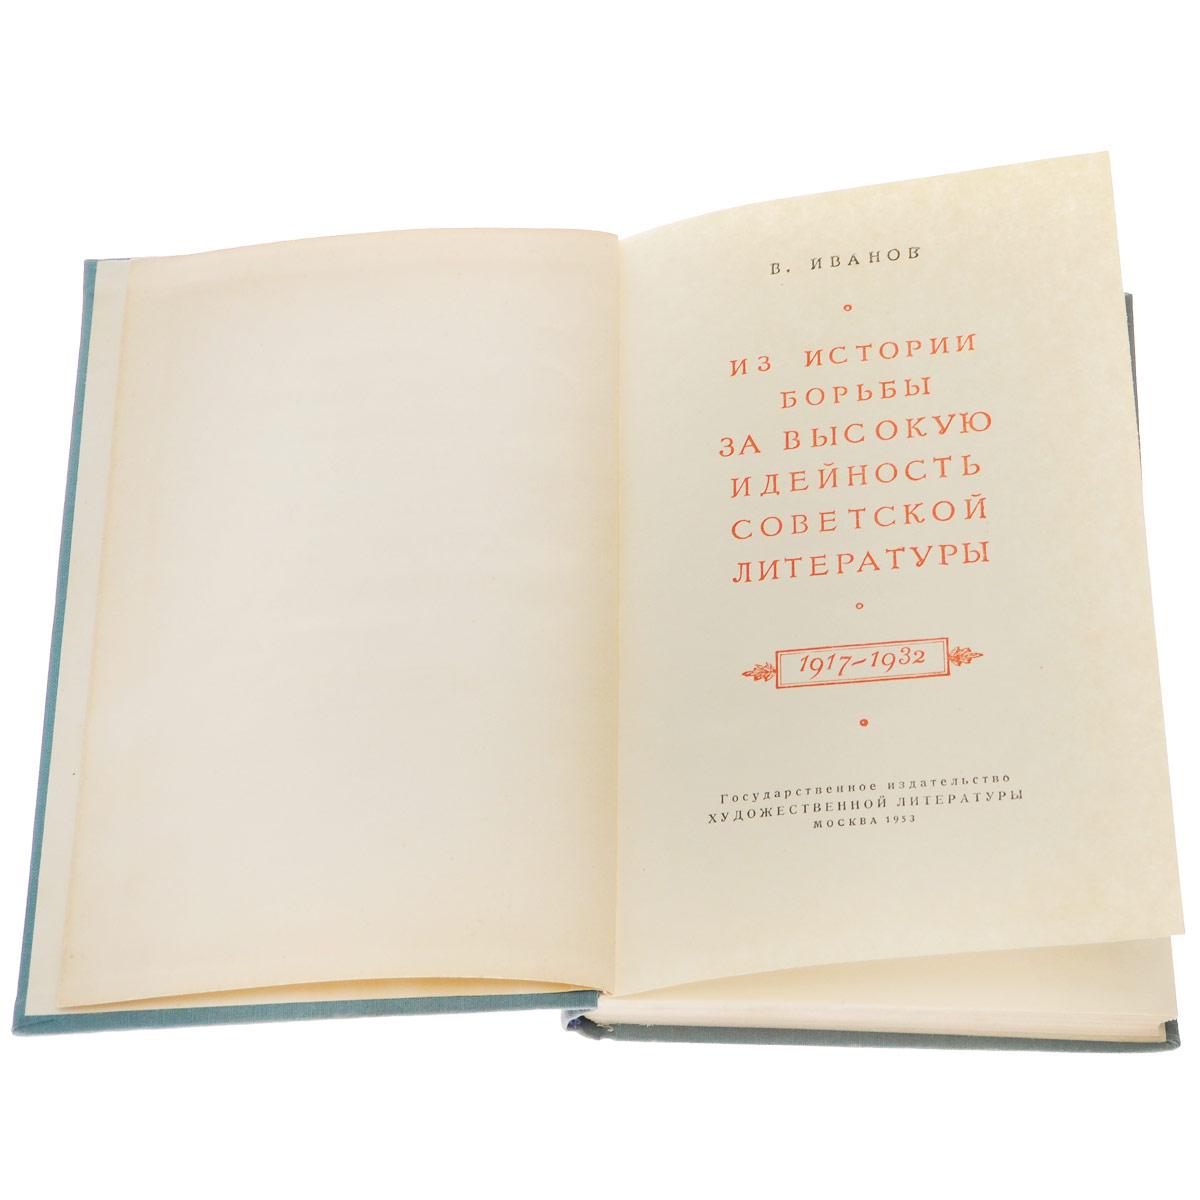 Из истории борьбы за высокую идейность советской литературы в